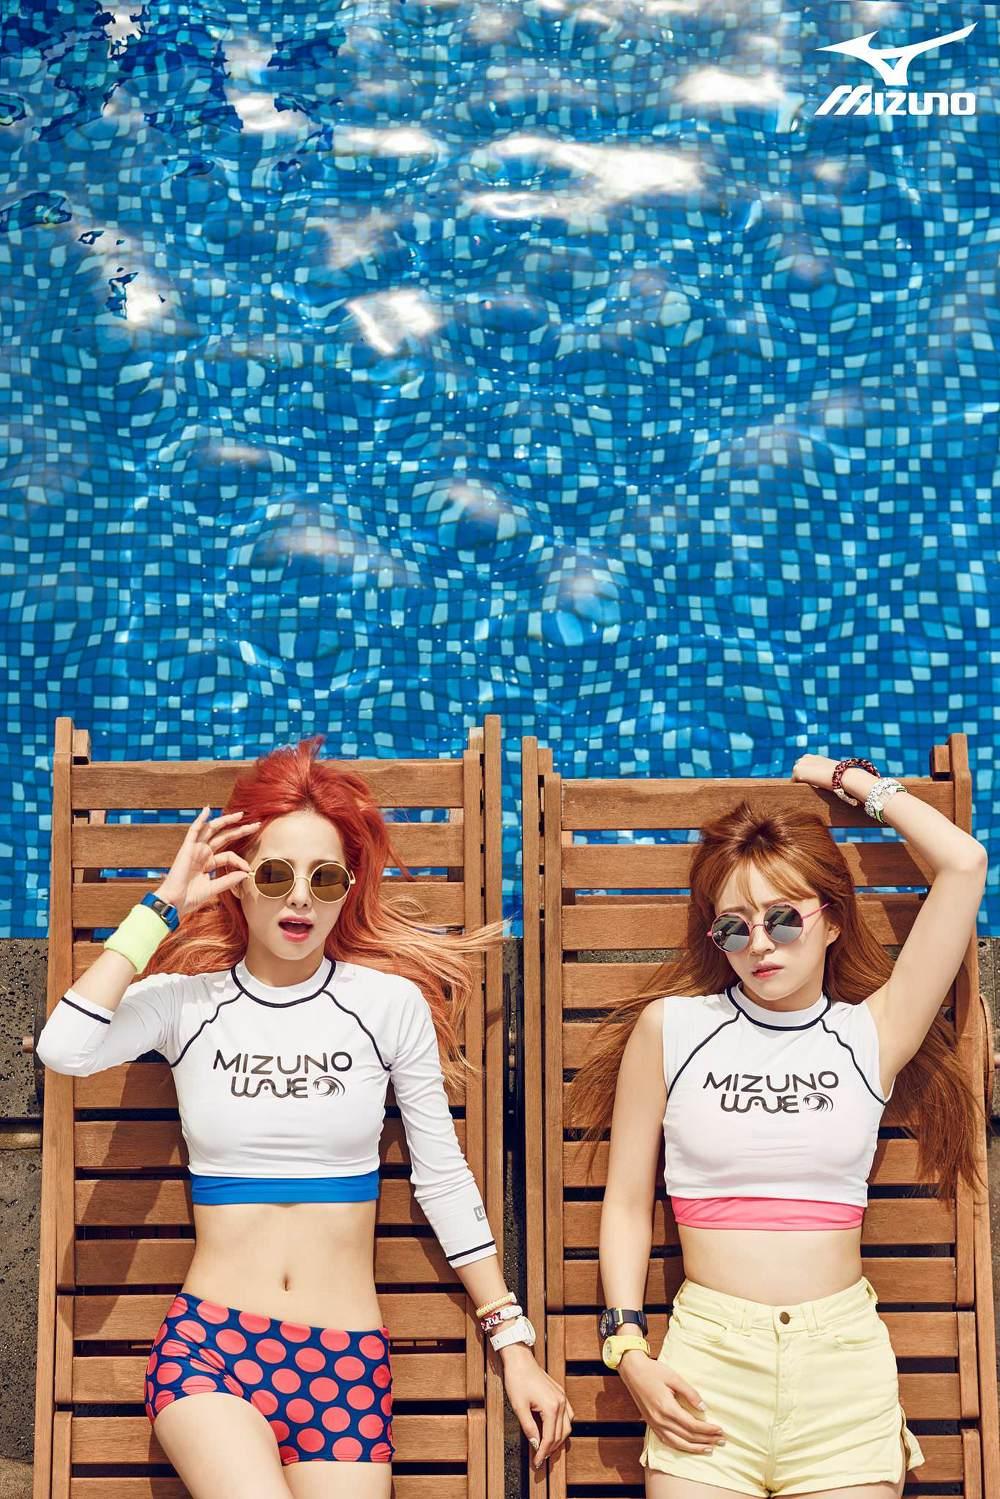 MIZUNO x EXID in Hot Summer